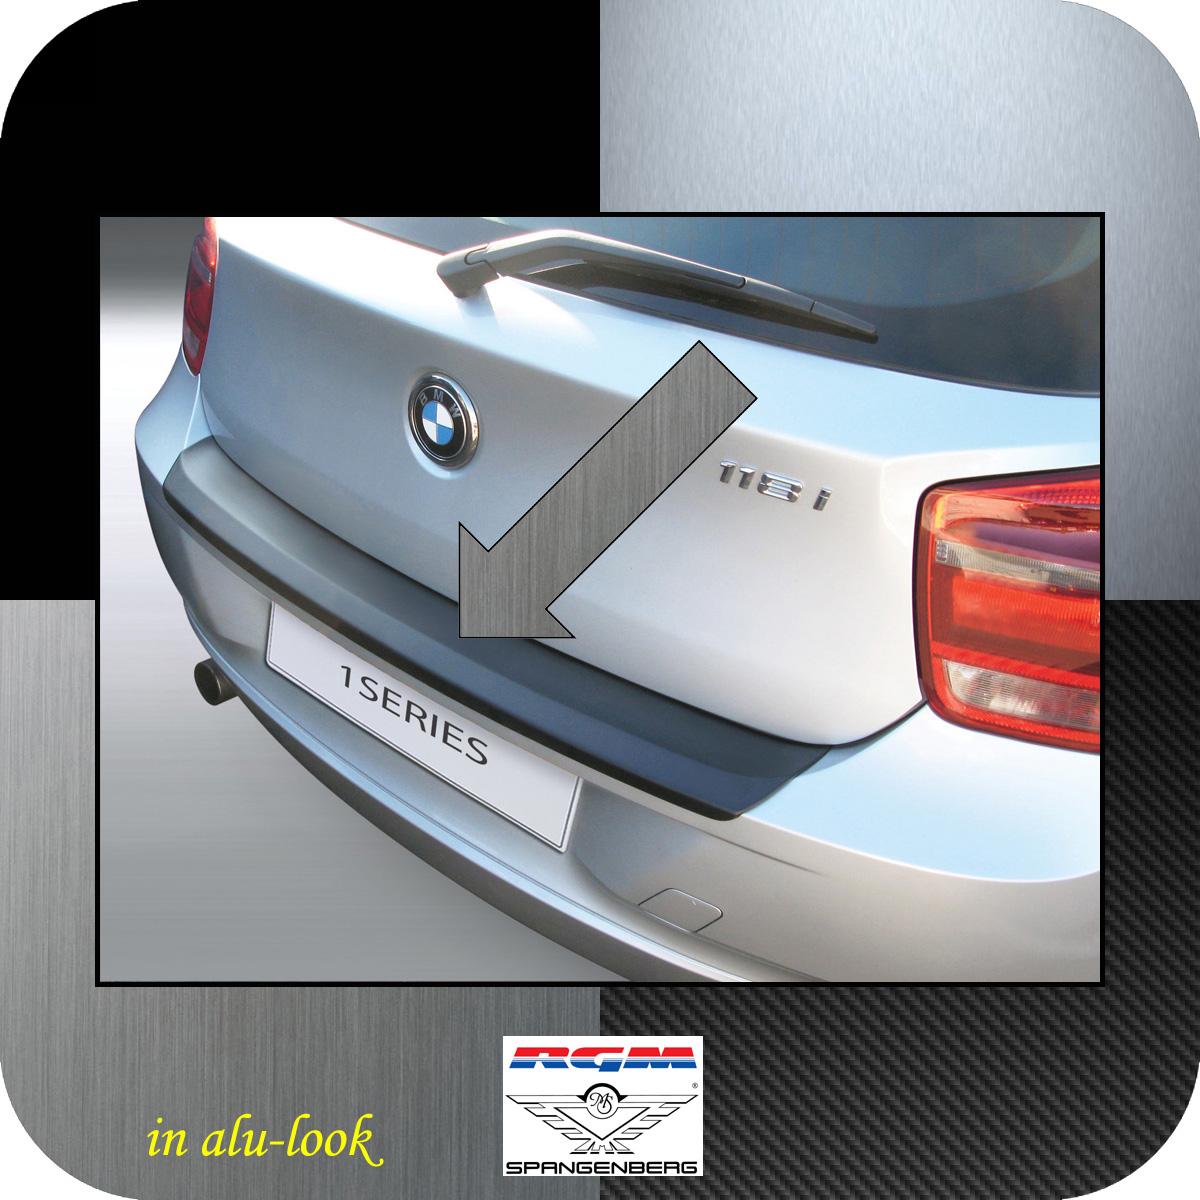 Ladekantenschutz Alu-Look BMW 1er F21 und F20 vor facelift Bj 2011-15 3504554